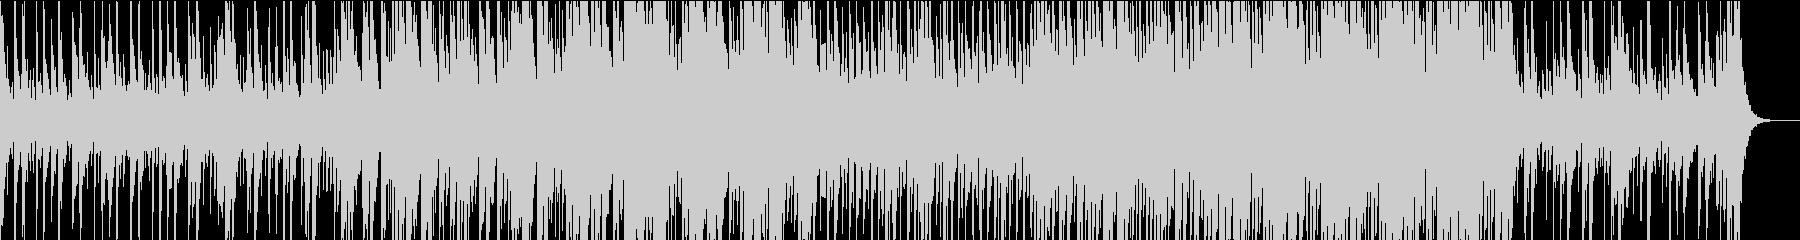 現代的 交響曲 スポーツ 打楽器 ドラムの未再生の波形